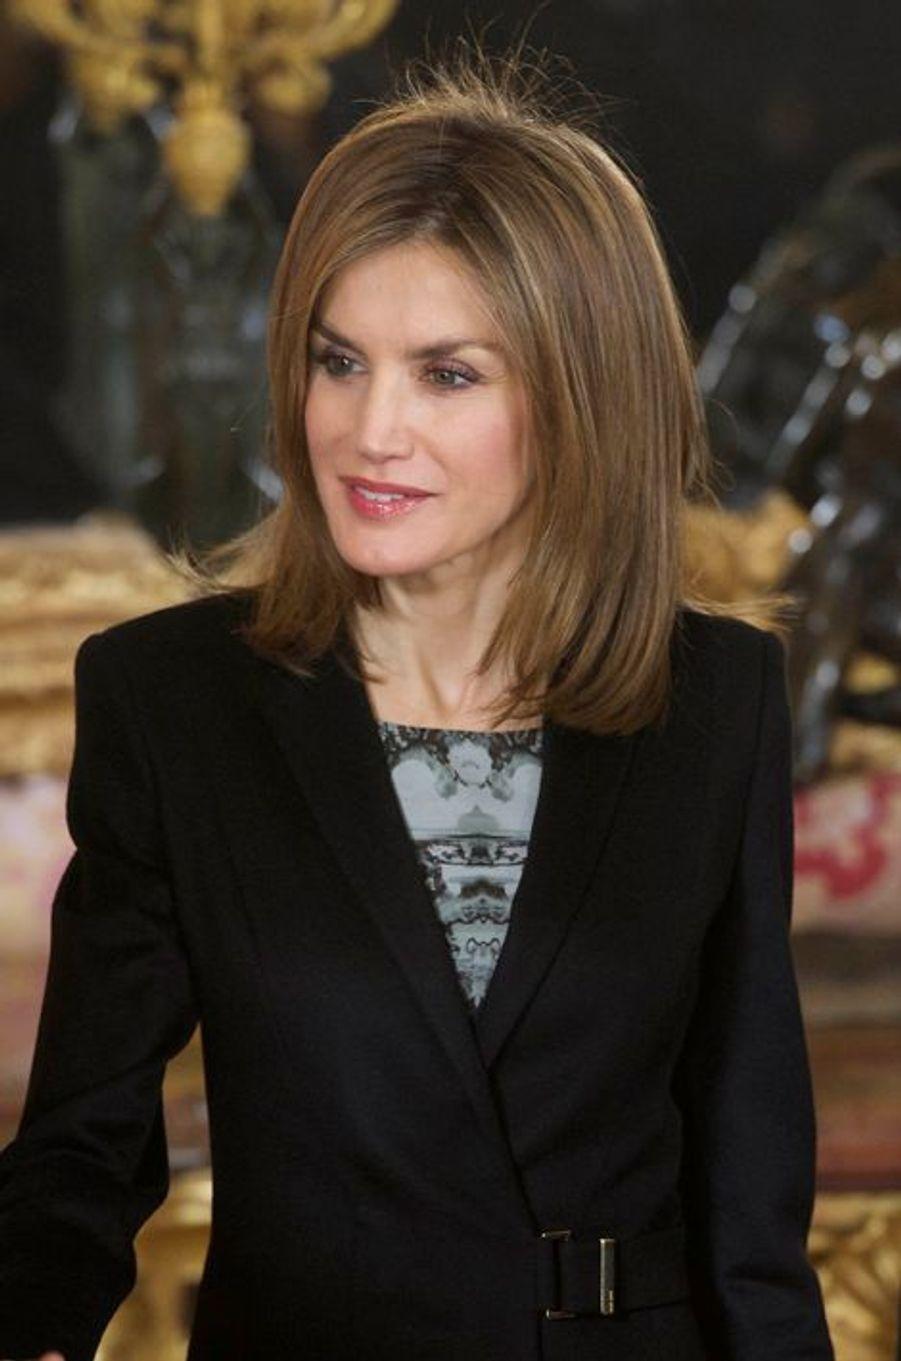 La reine Letizia d'Espagne au palais royal à Madrid, le 19 décembre 2014